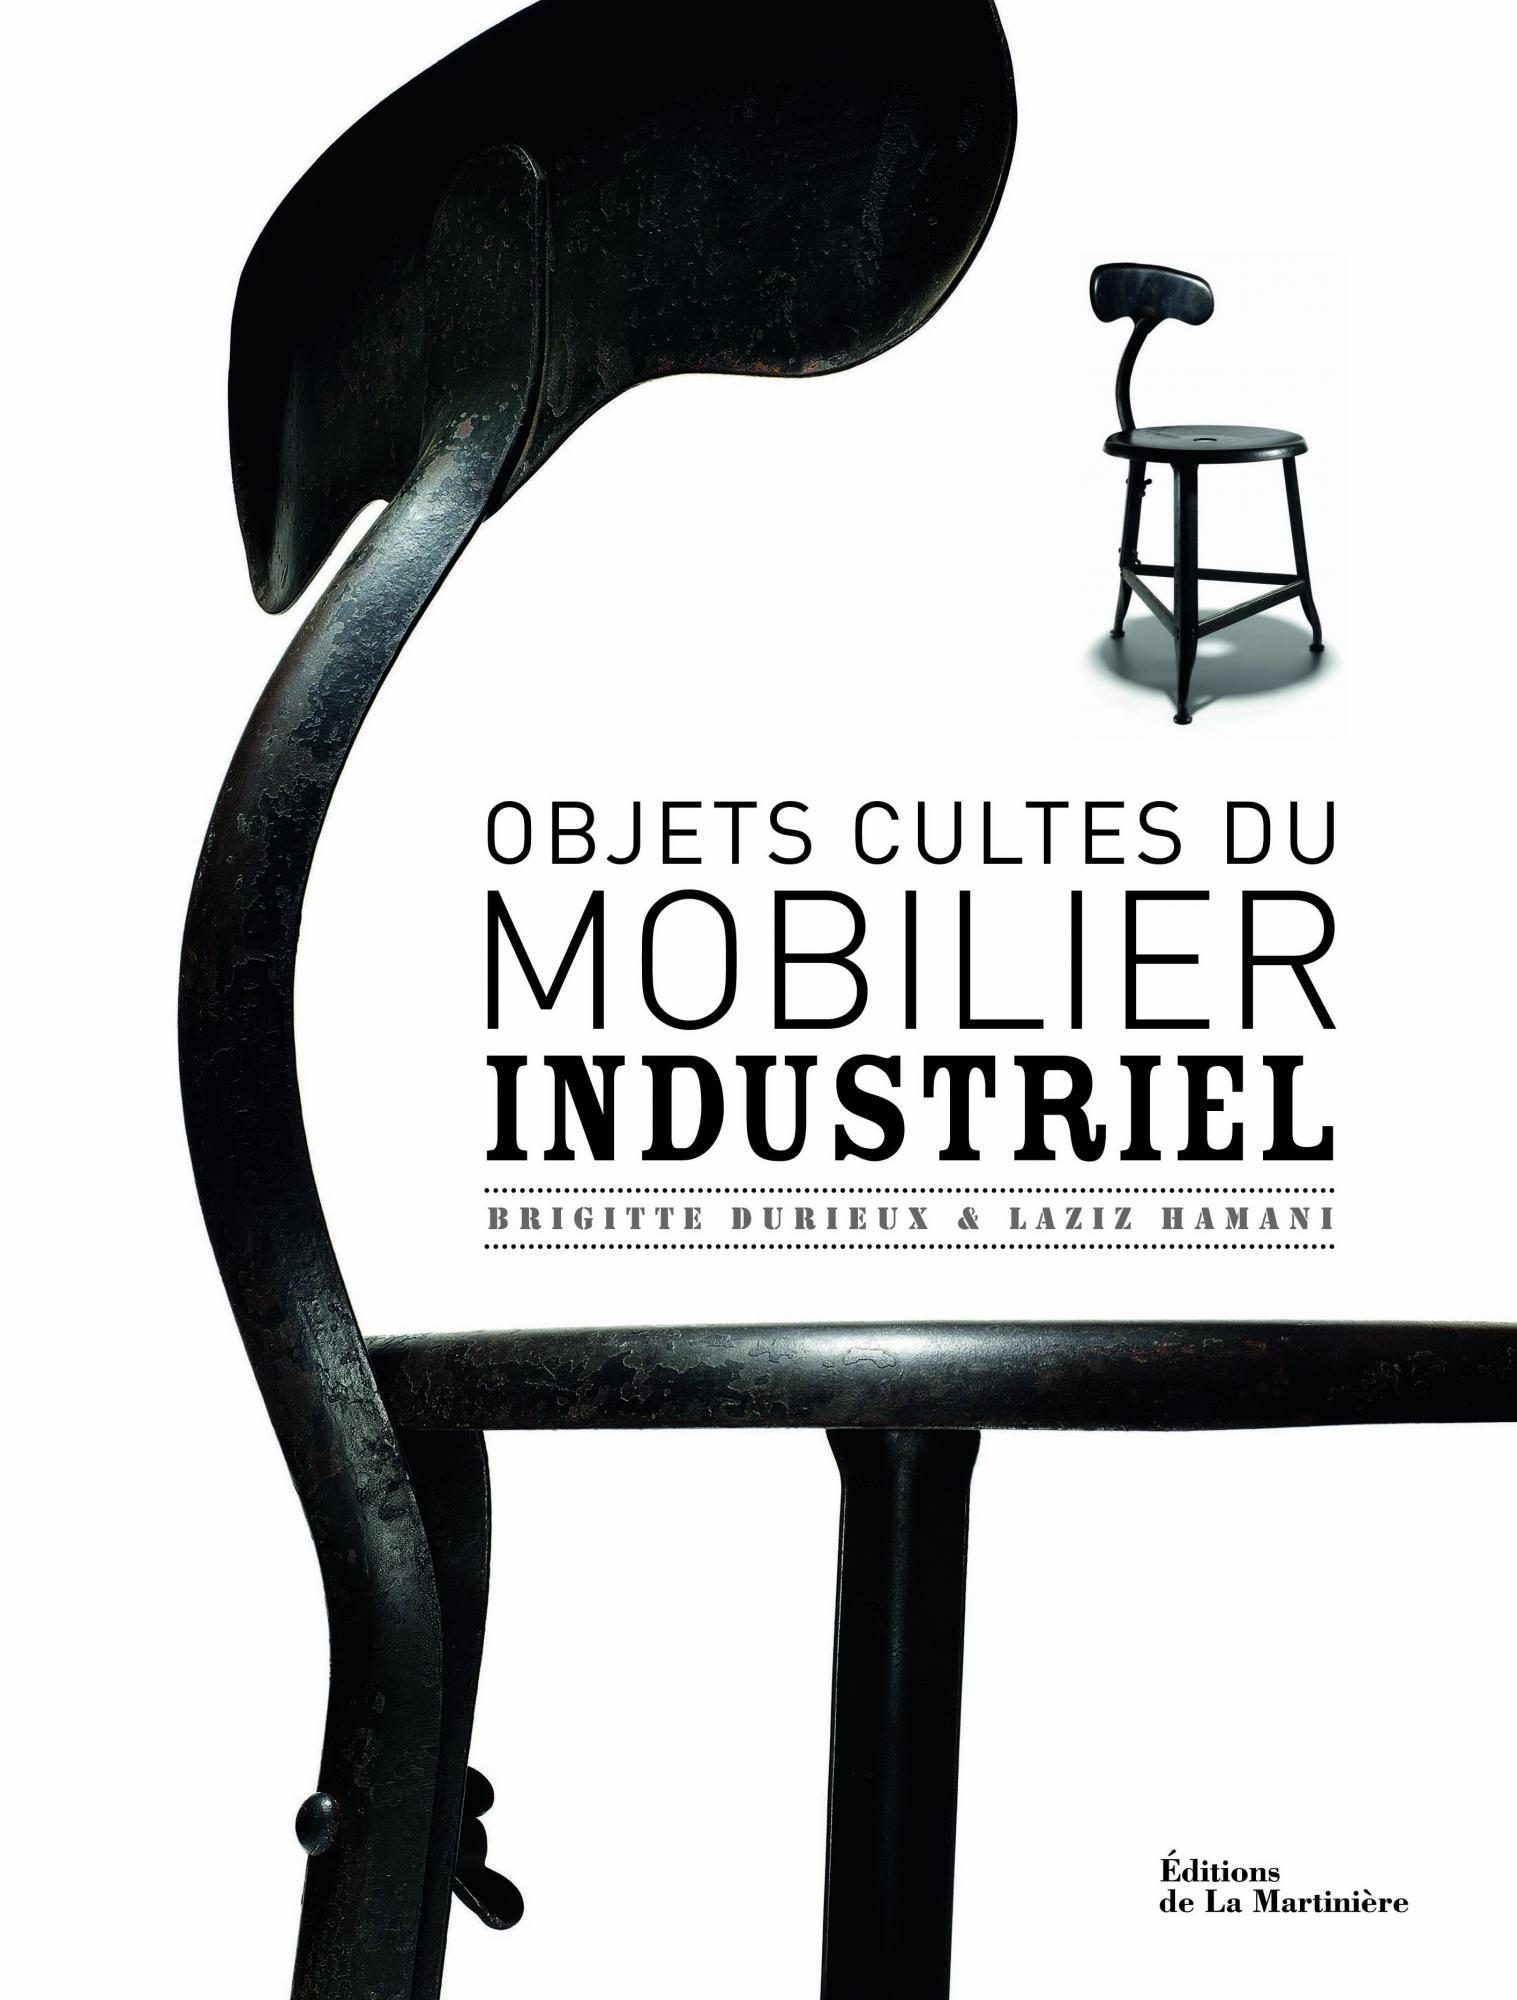 Objets cultes du mobilier industriel brigitte durieux editions de la mart - Livre mobilier industriel ...